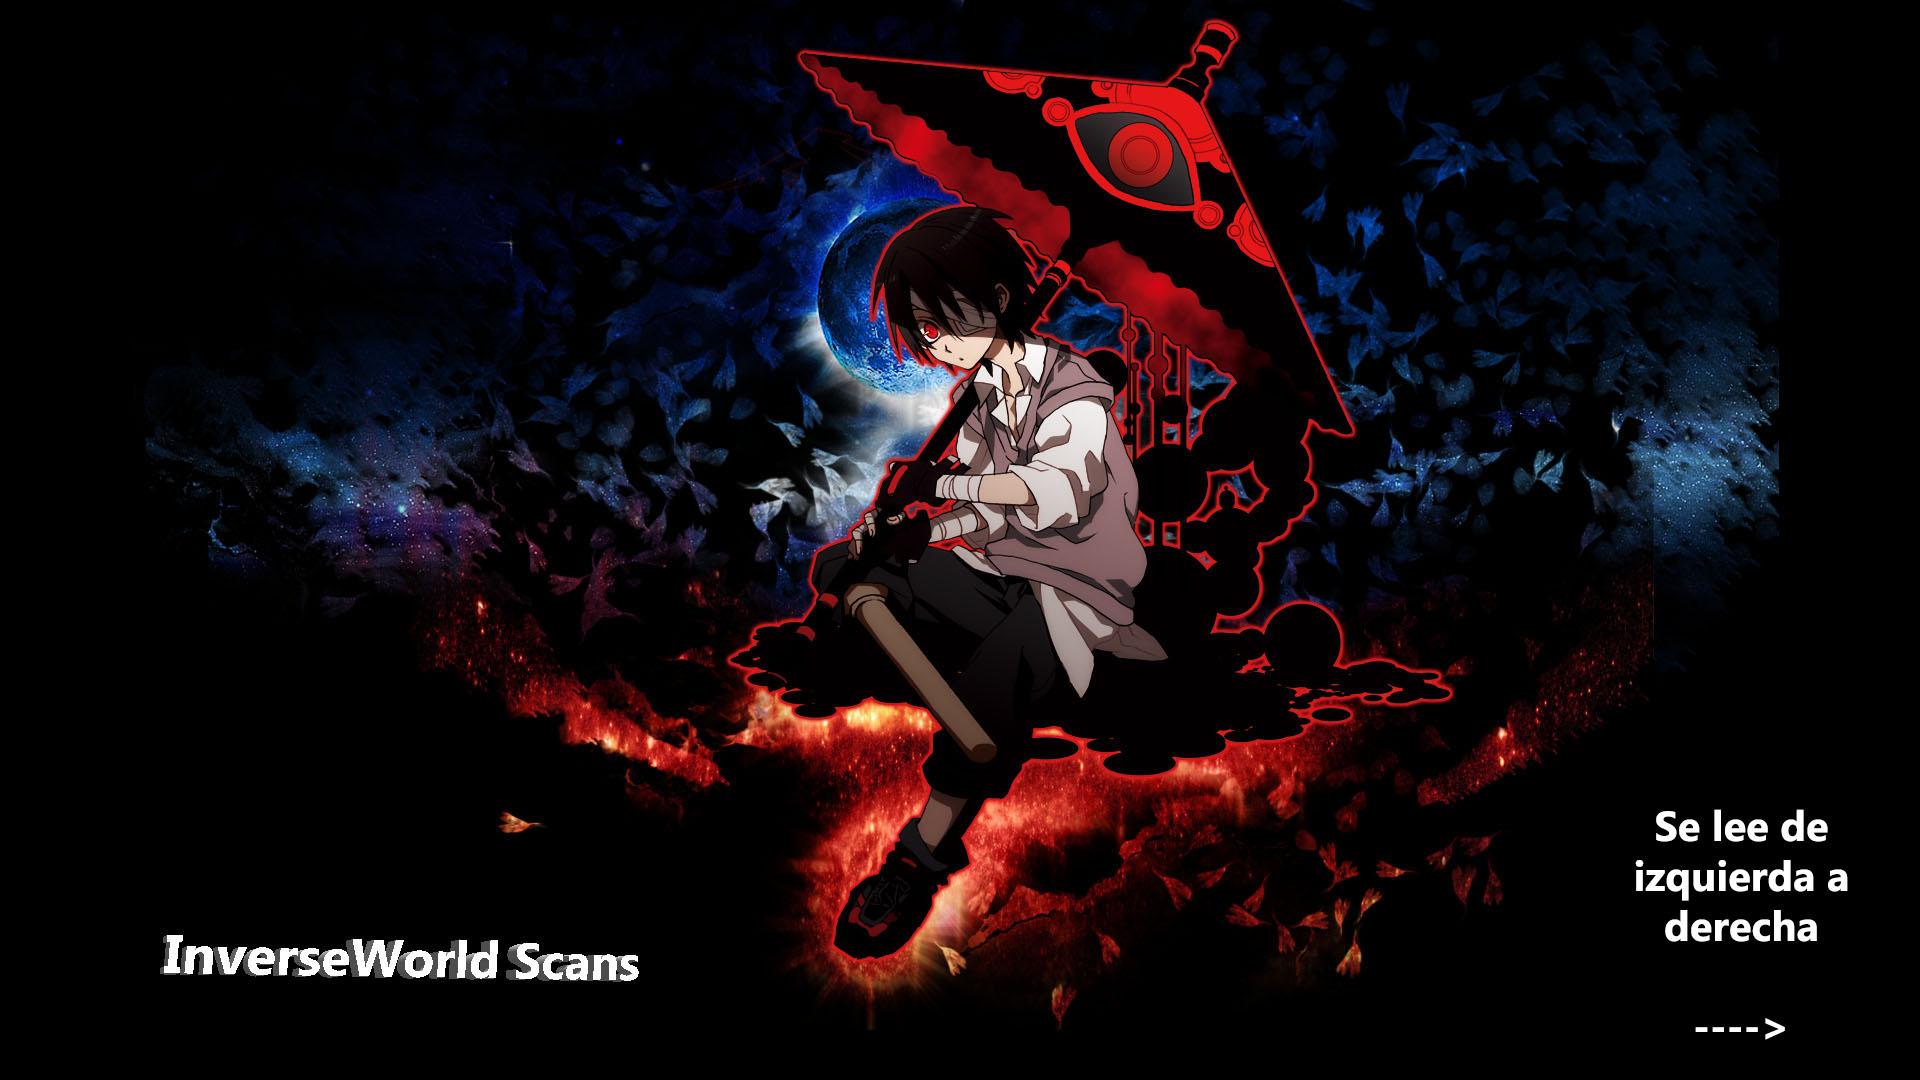 http://c5.ninemanga.com/es_manga/18/16210/415314/741b6f7de66ef5eb1b8cc01e3a2ba694.jpg Page 2